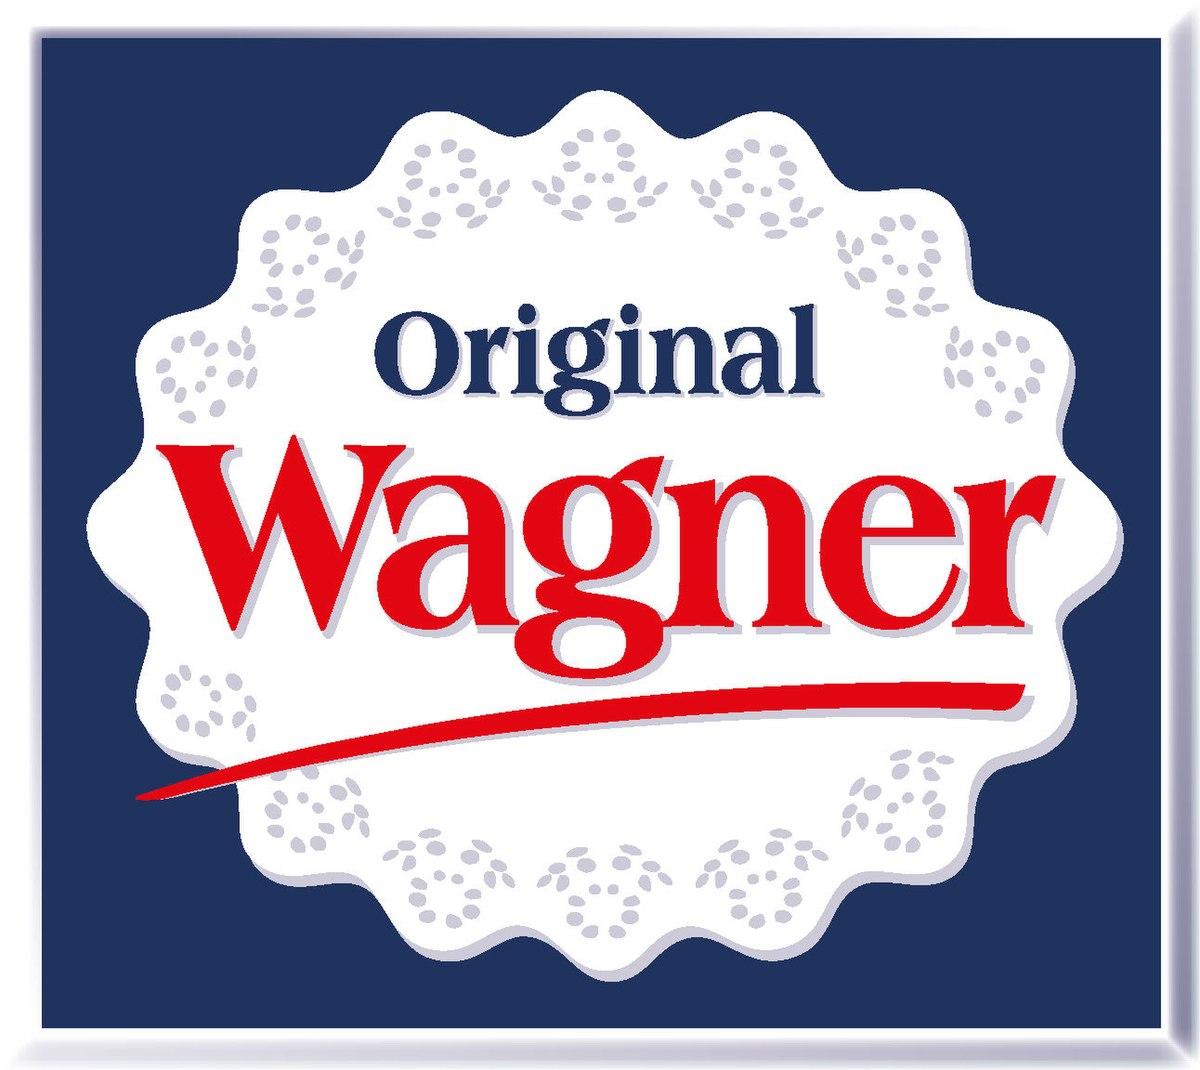 Nestlé Wagner – Wikipedia